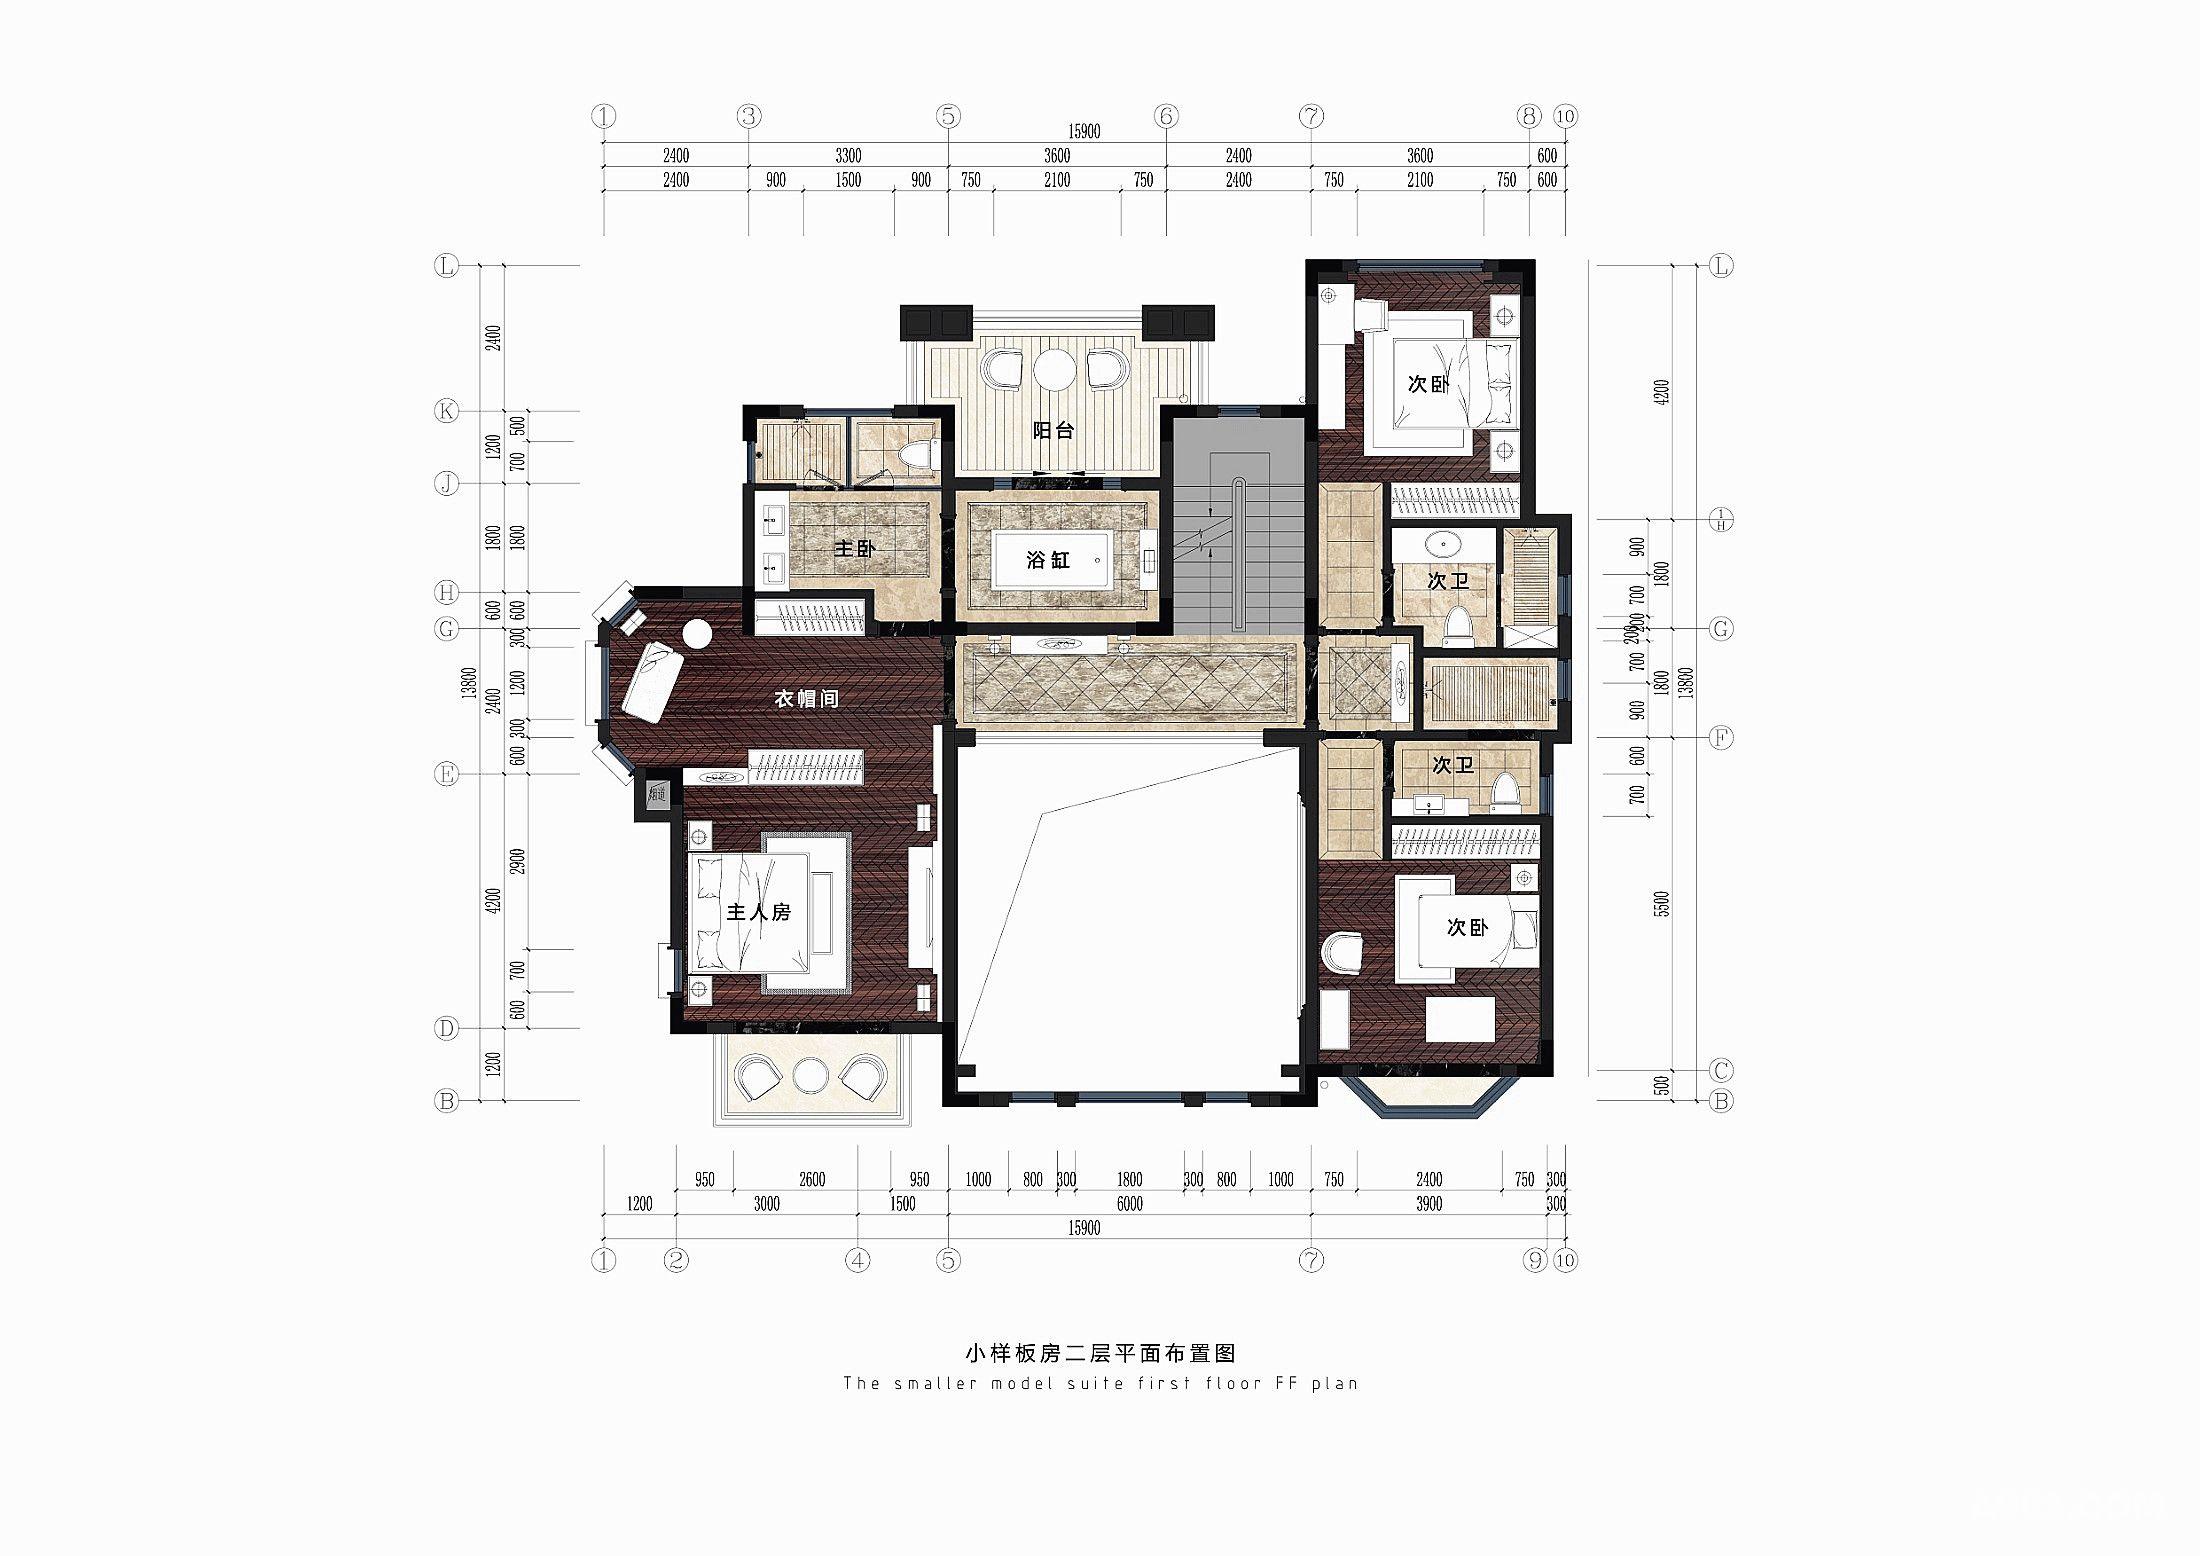 项目名称:重庆卉森湖别墅(小独栋)室内设计 建筑面积:420m2 装修风格:美式 主要材料:进口大理石,进口墙纸,台湾仿金箔、樱桃木、柚木、进口涂料。欧普LED光源 设计师:陈传栩 本案是一个为了促进地产销售而作的示范单位,风格定位的立意是帮助发展商打动六、七十年代出生的事业有成人仕,以促成其购买行为。该消费群体的特点是一方面享受着现代的科技物质文明,另一方面又对美式文化有着眷恋之情。   美式风格,顾名思义是来自于美国的装修和装饰风格。是殖民地风格中最著名的代表风格,某种意义上已经成了殖民地风格的代名词